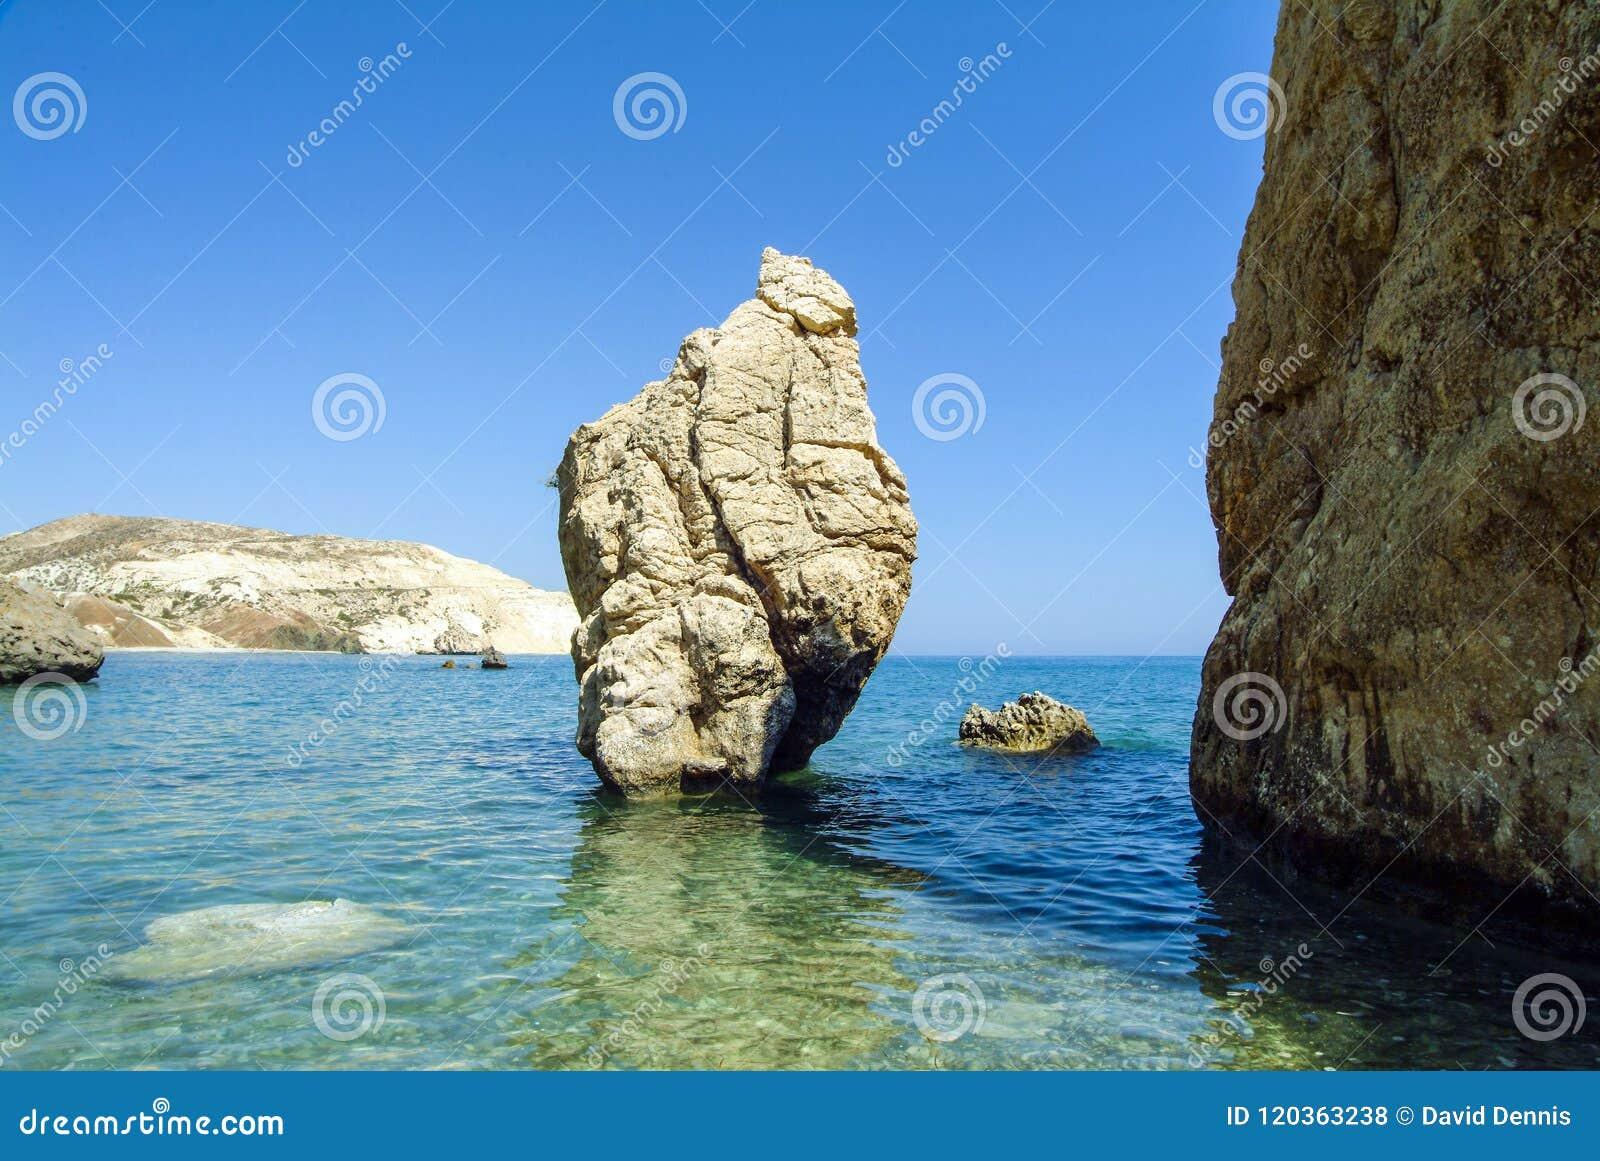 Las rocas del Aphrodite, en la isla mediterránea de Chipre